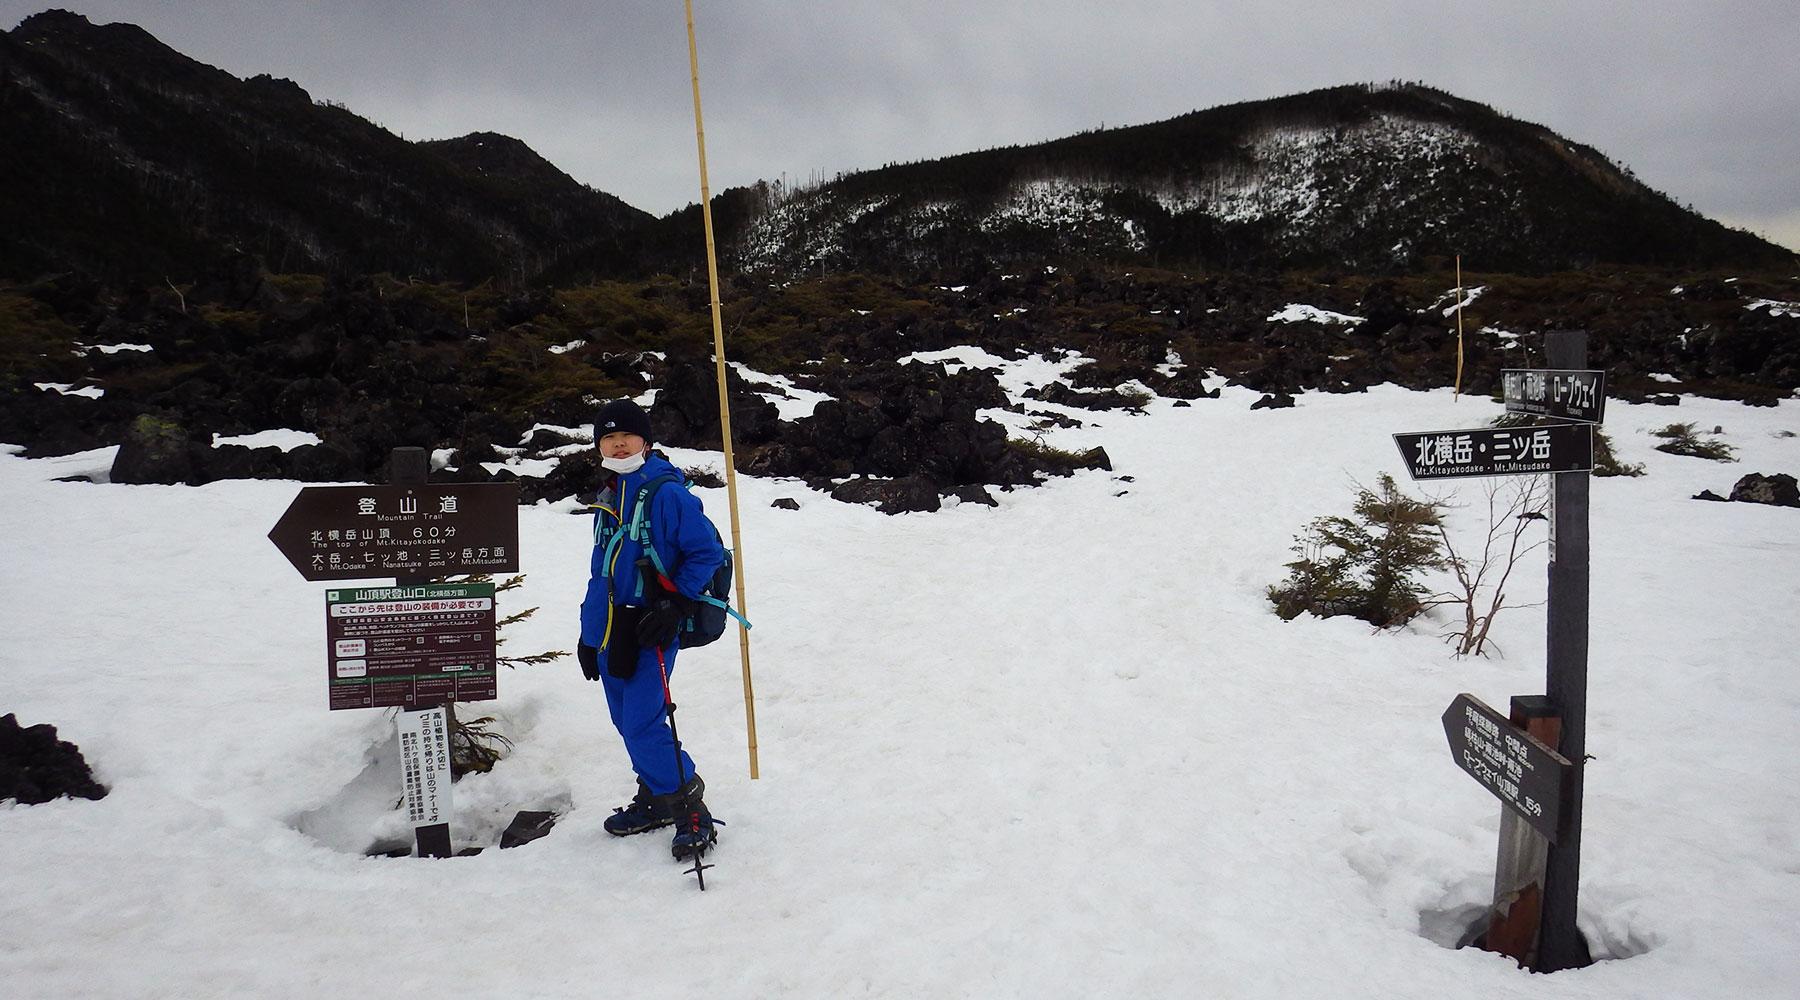 坪庭の周回路から、北横岳方面への登山道入口